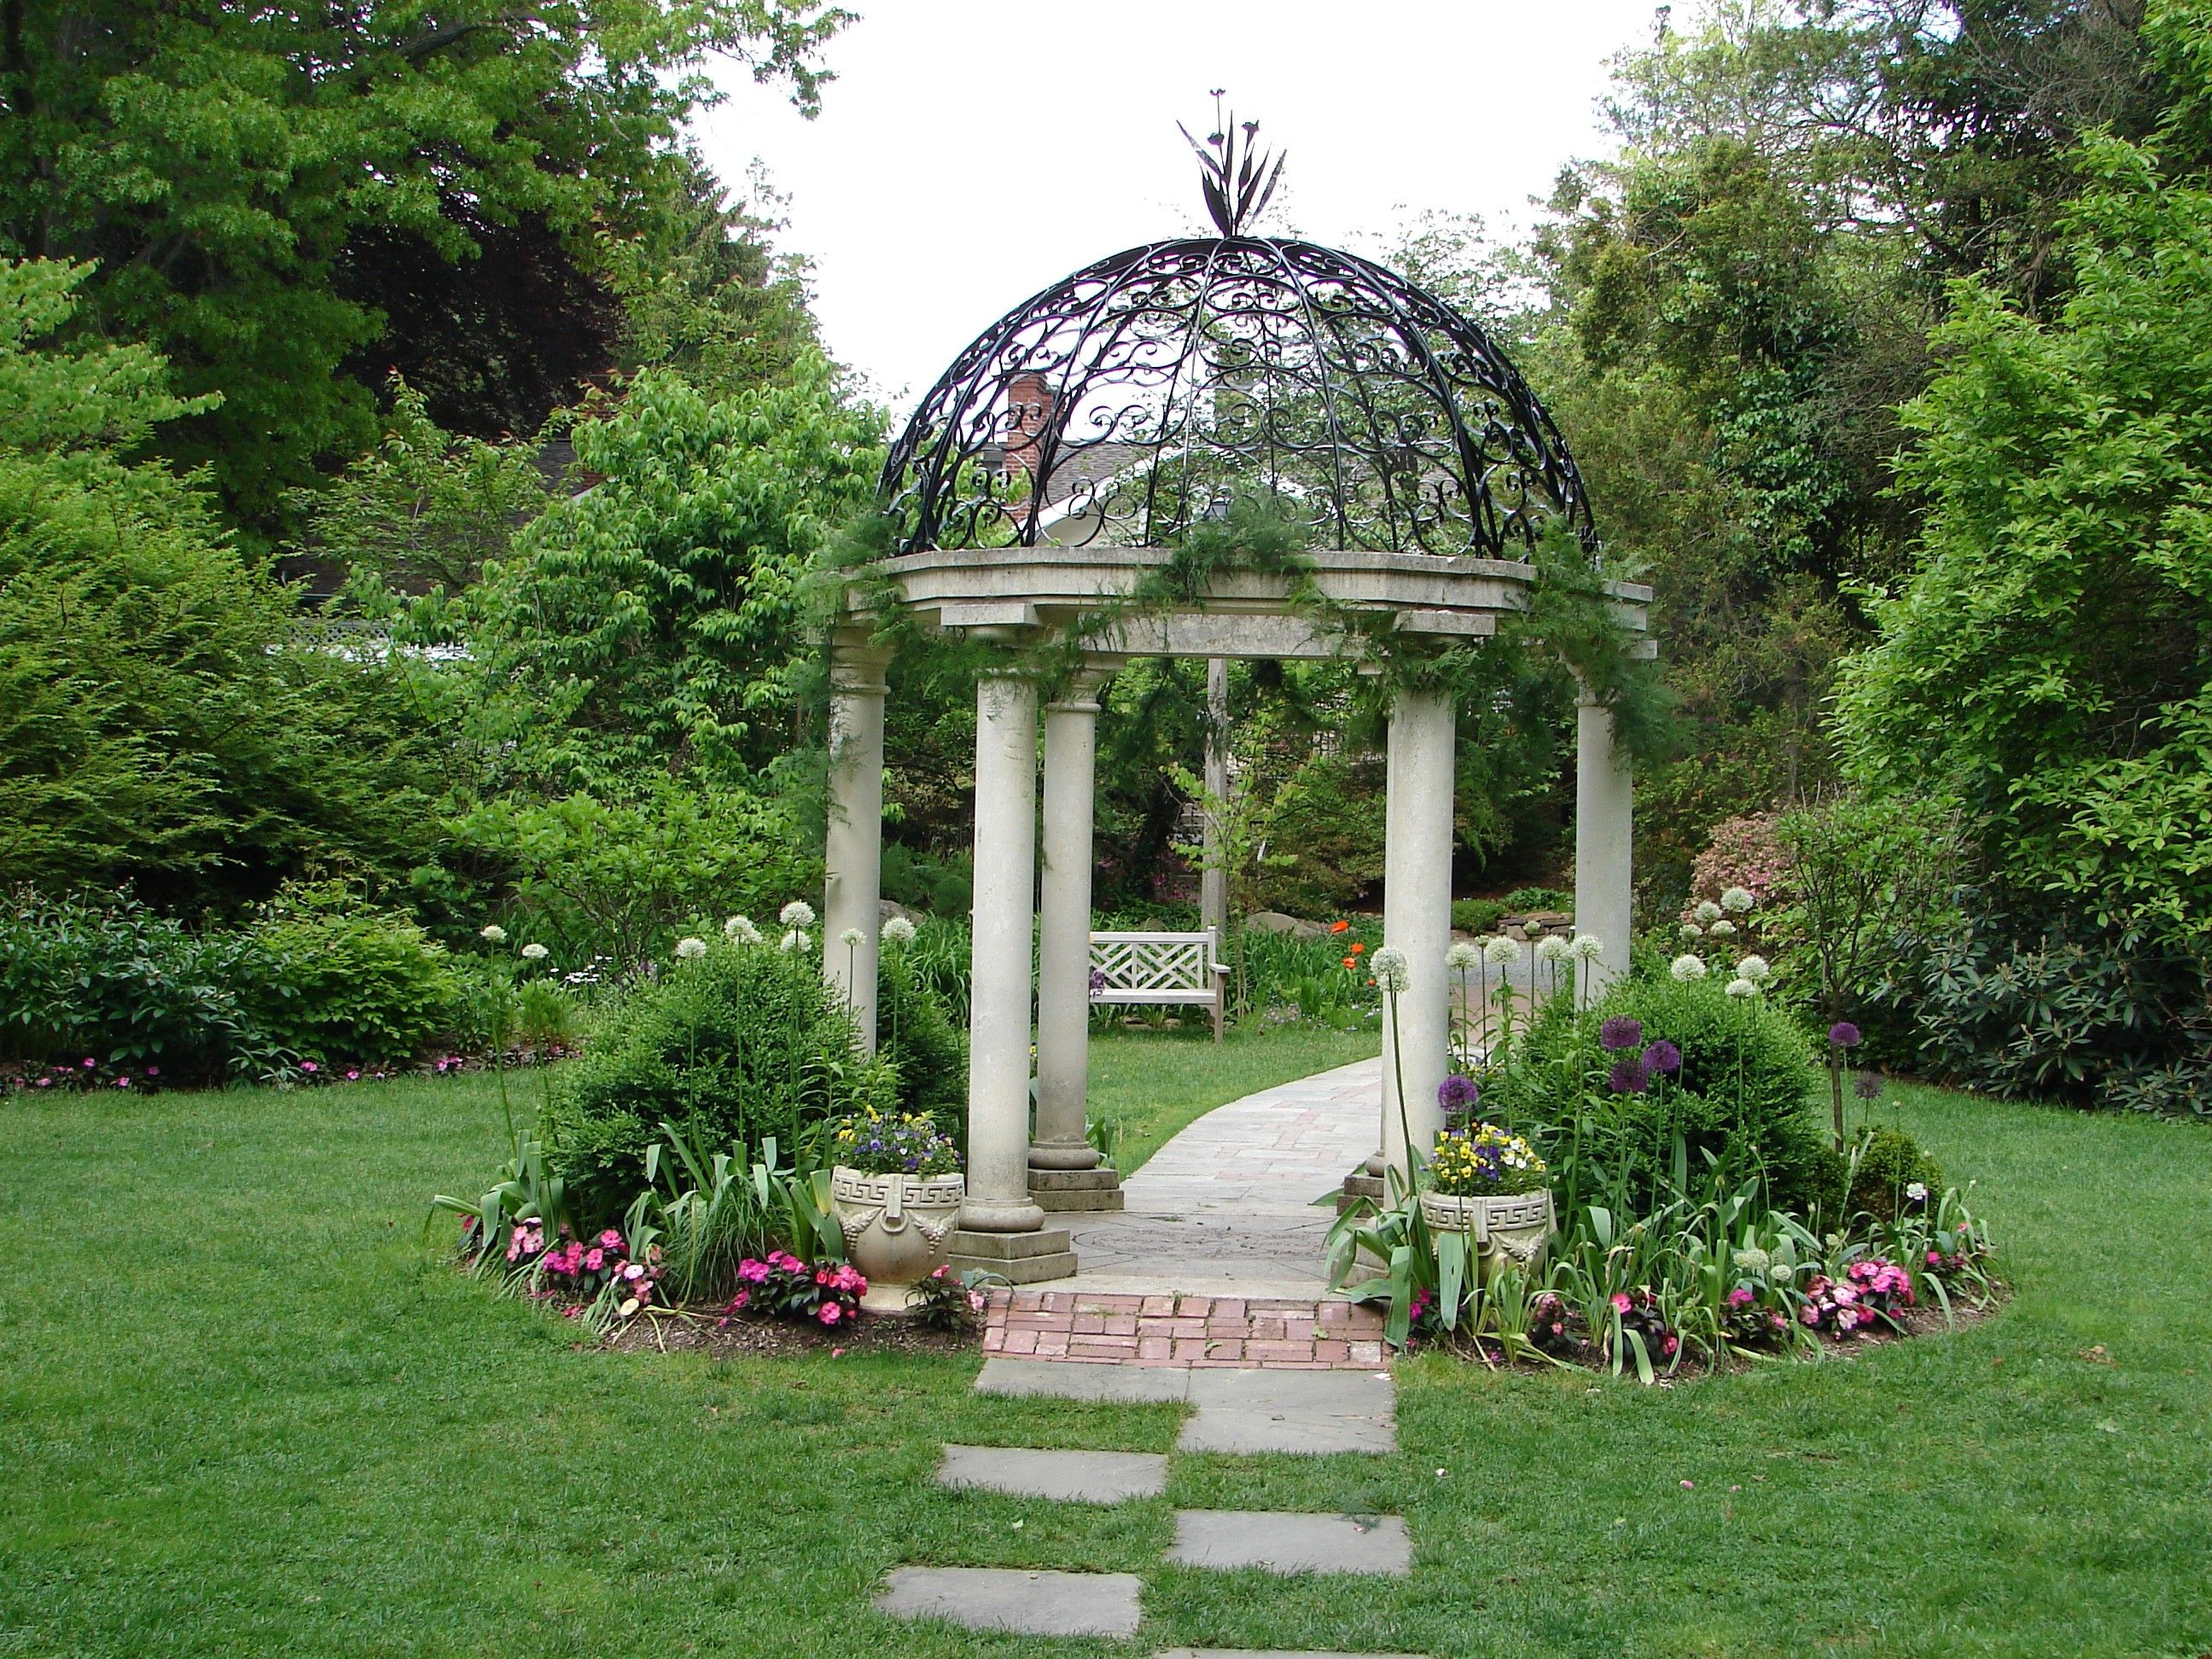 garden-furniture-exterior-gazeebo-adorable-outdoor-gazebo-wedding ...